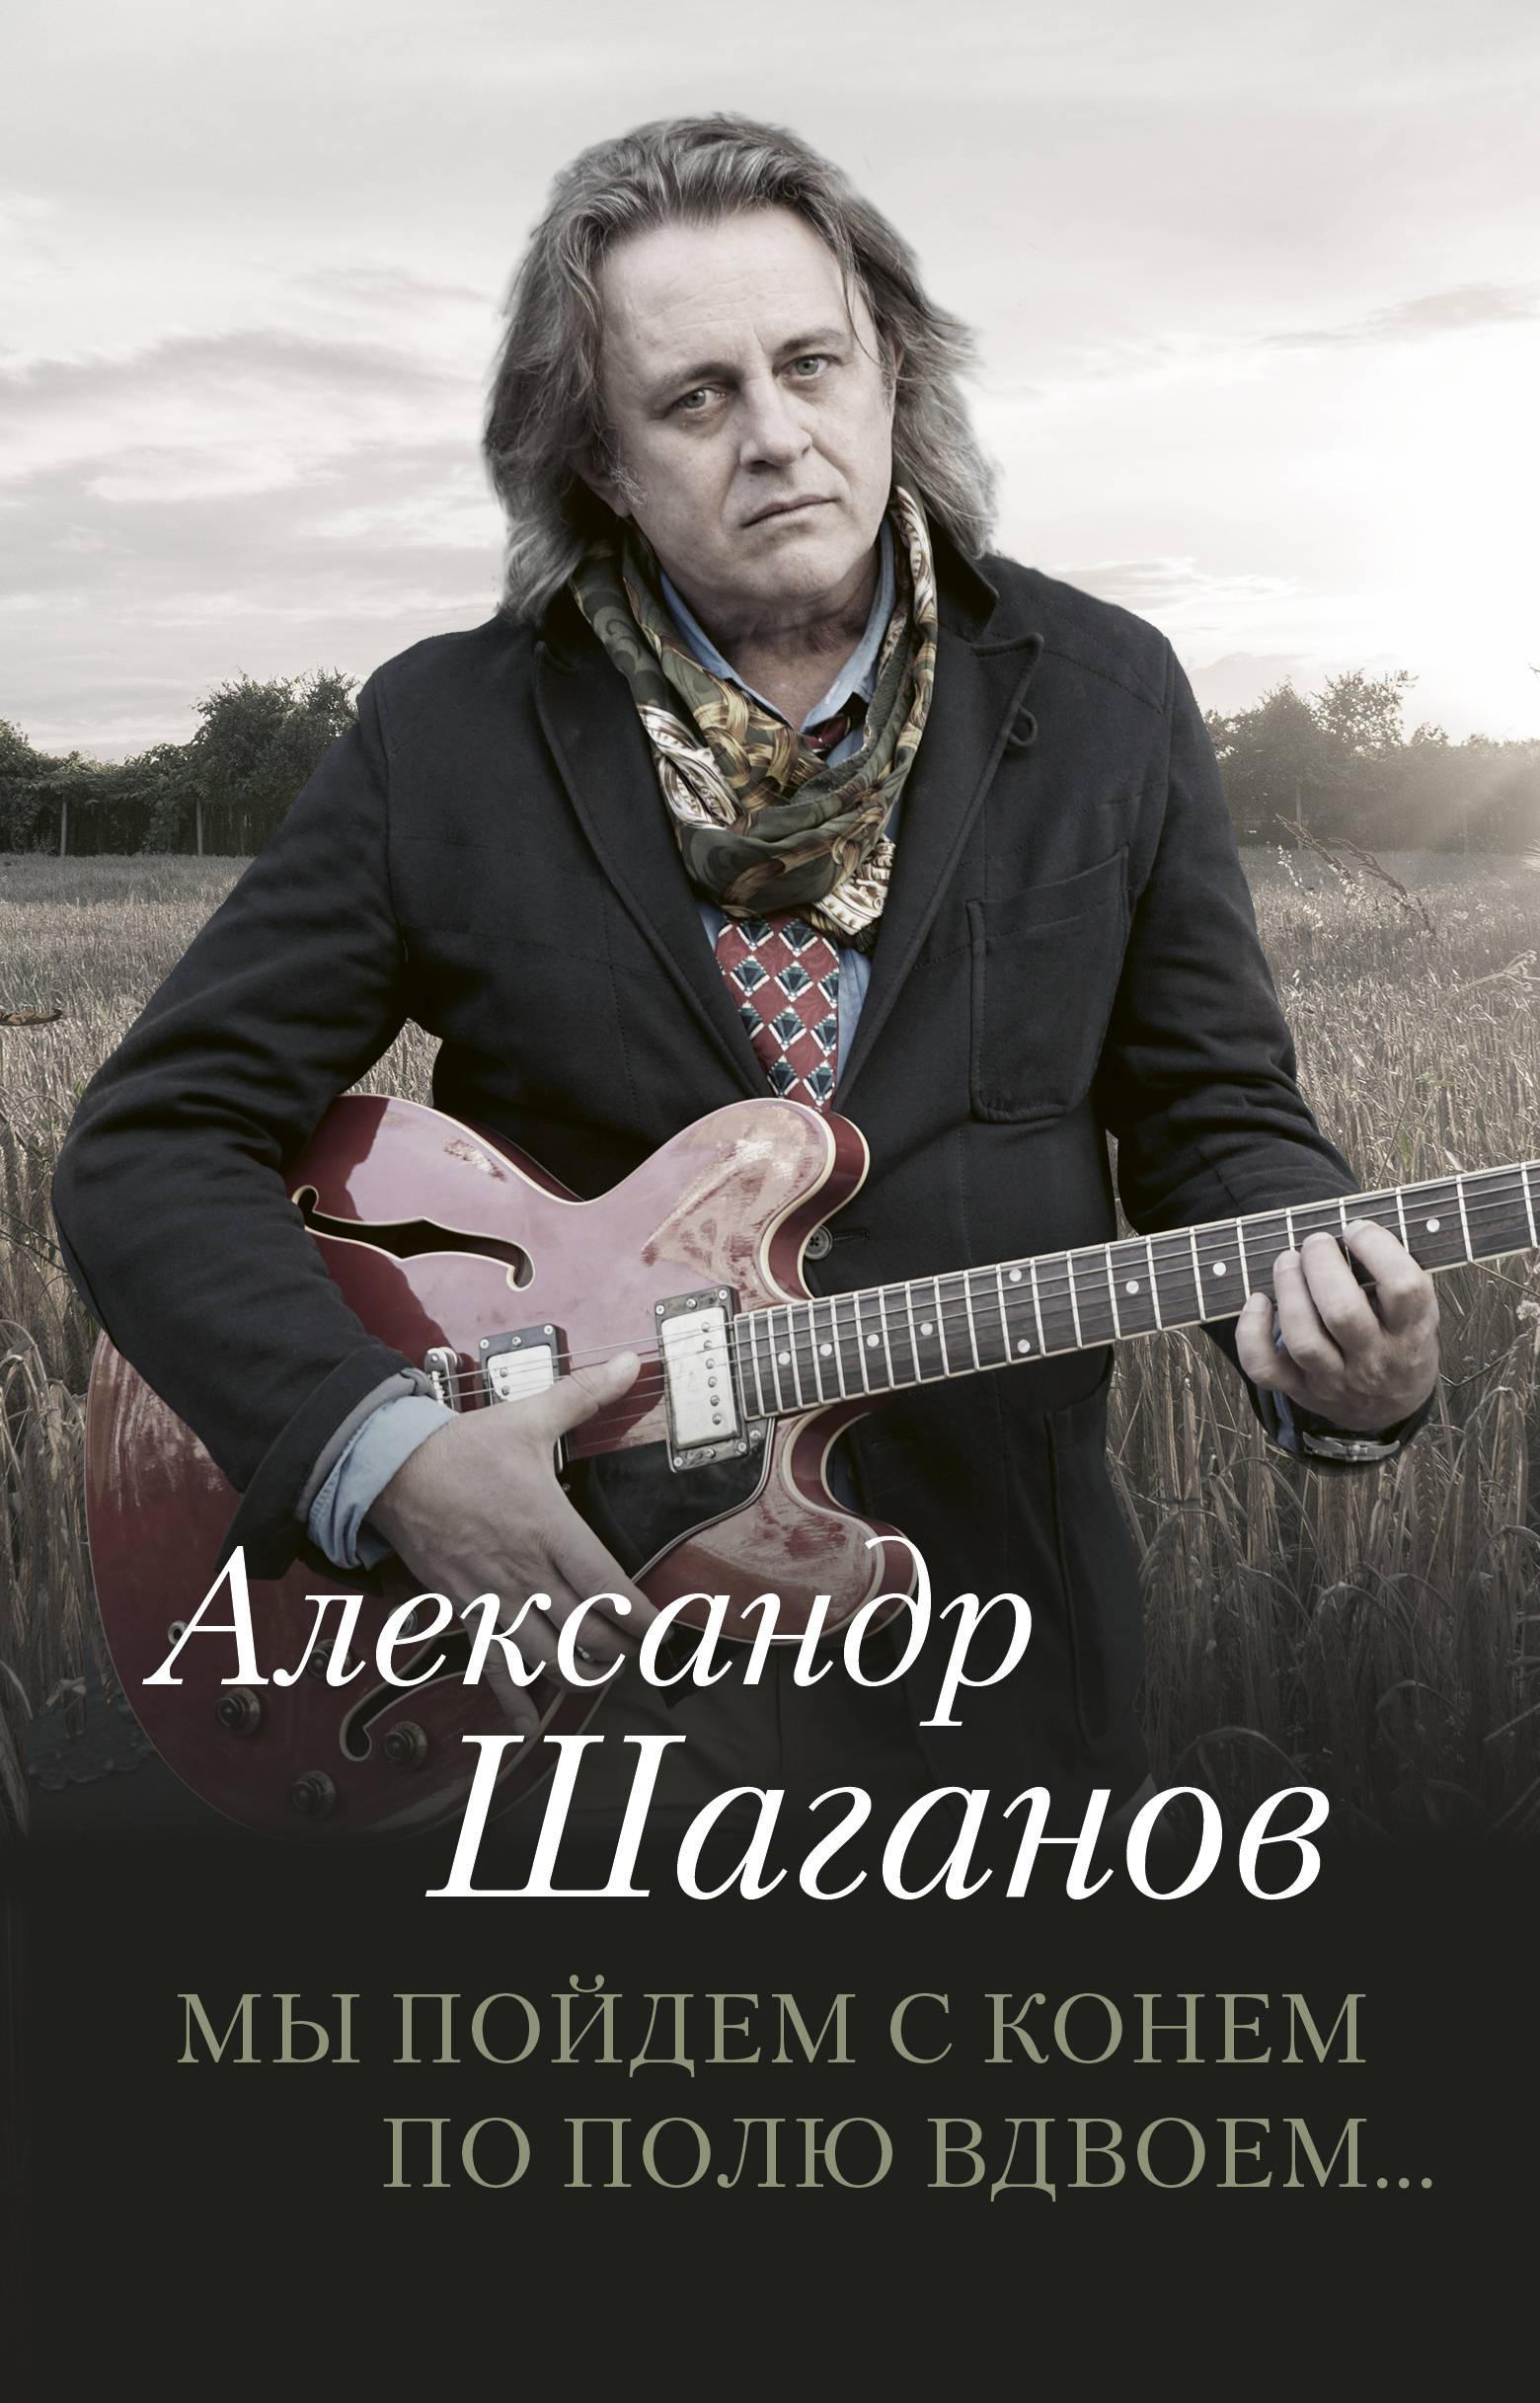 «Мы пойдем с конем по полю вдвоем...» Александр Шаганов